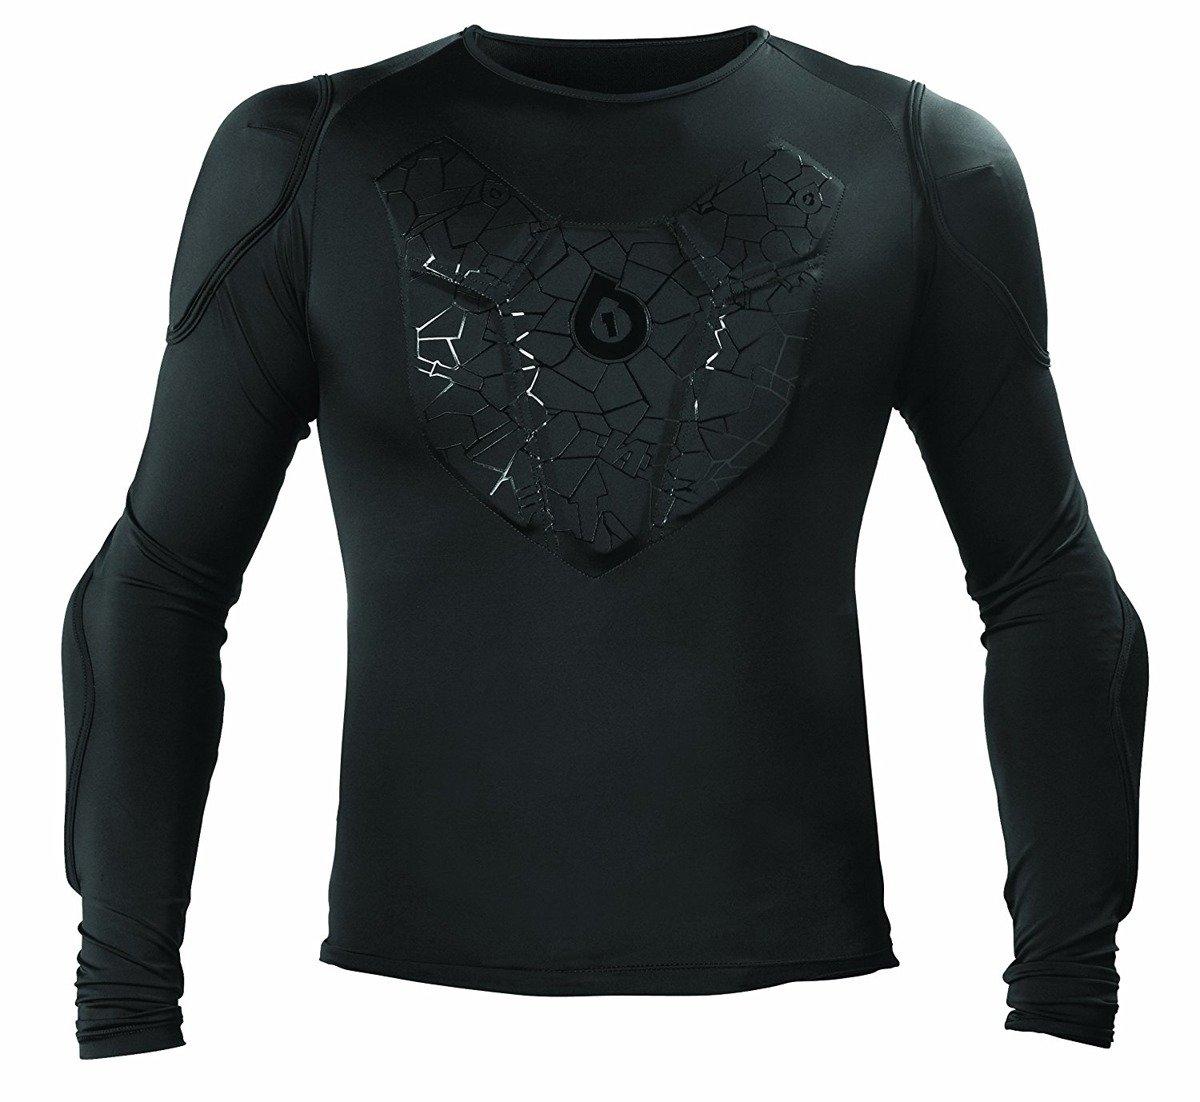 8ba928a57 Bluza z ochraniaczami SIXSIXONE 661 Sub Gear Long Sleeve Shirt ENDURO DH |  SPORTY LETNIE \ OCHRONA ROWEROWA \ OCHRANIACZE | SportStore.pl - Multi  Sport ...